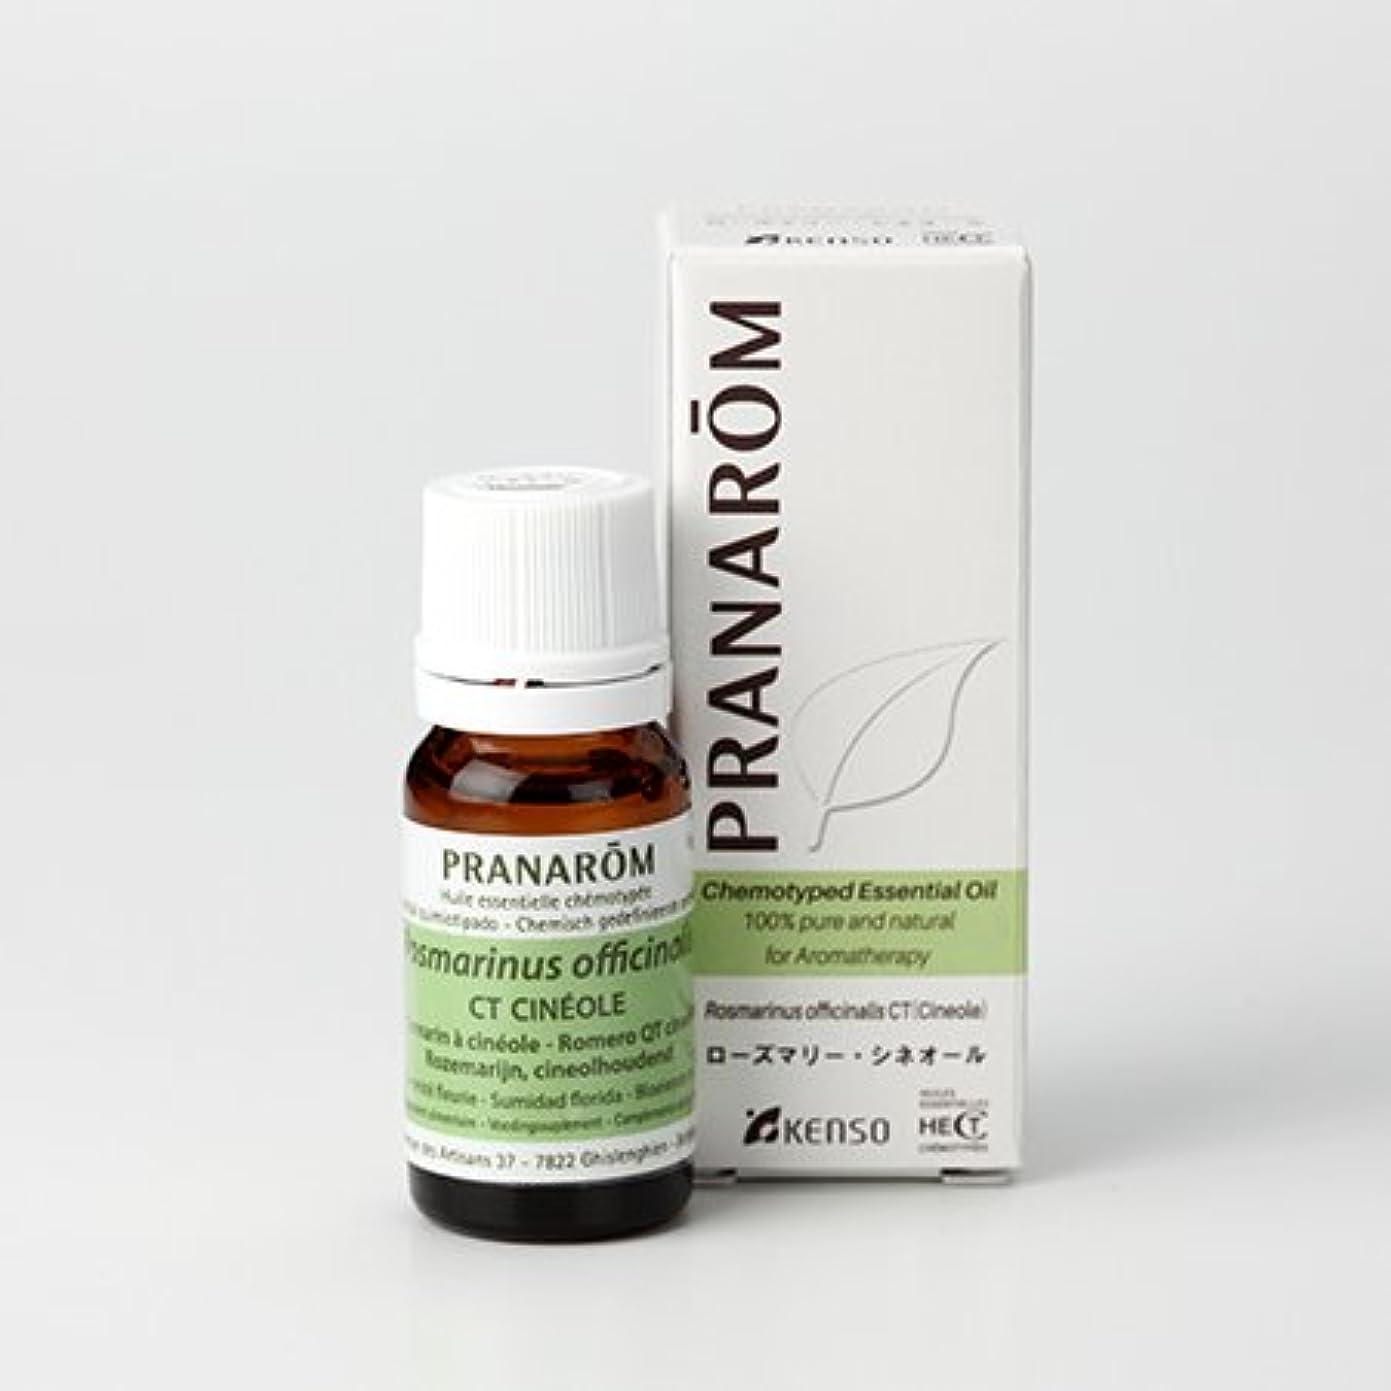 みなすホール頭痛プラナロム ( PRANAROM ) 精油 ローズマリー?シネオール 10ml p-160 ローズマリーシネオール